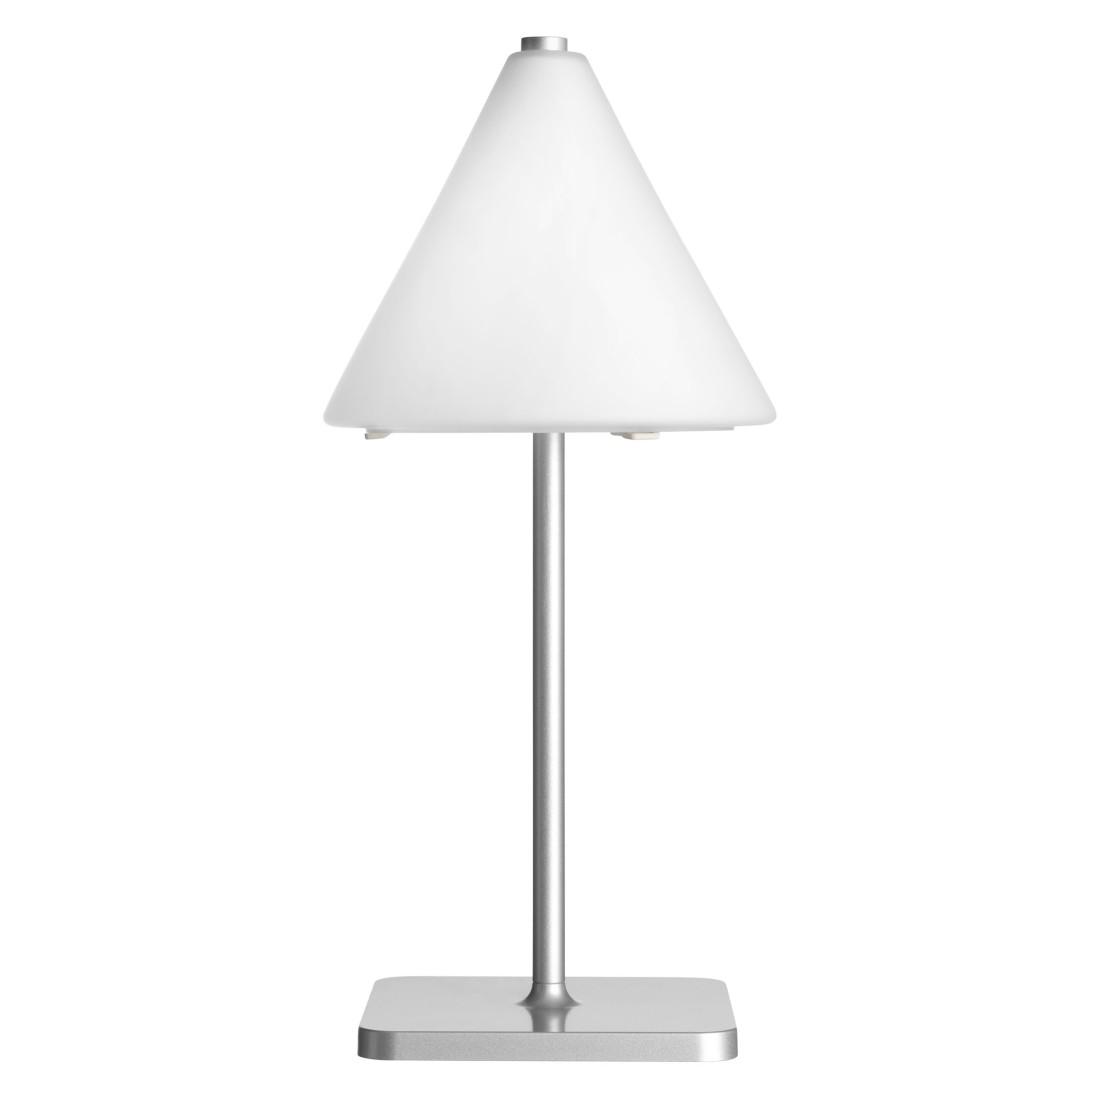 Tischleuchte Size Smallsize-40 ● Glas Weiß- Belux